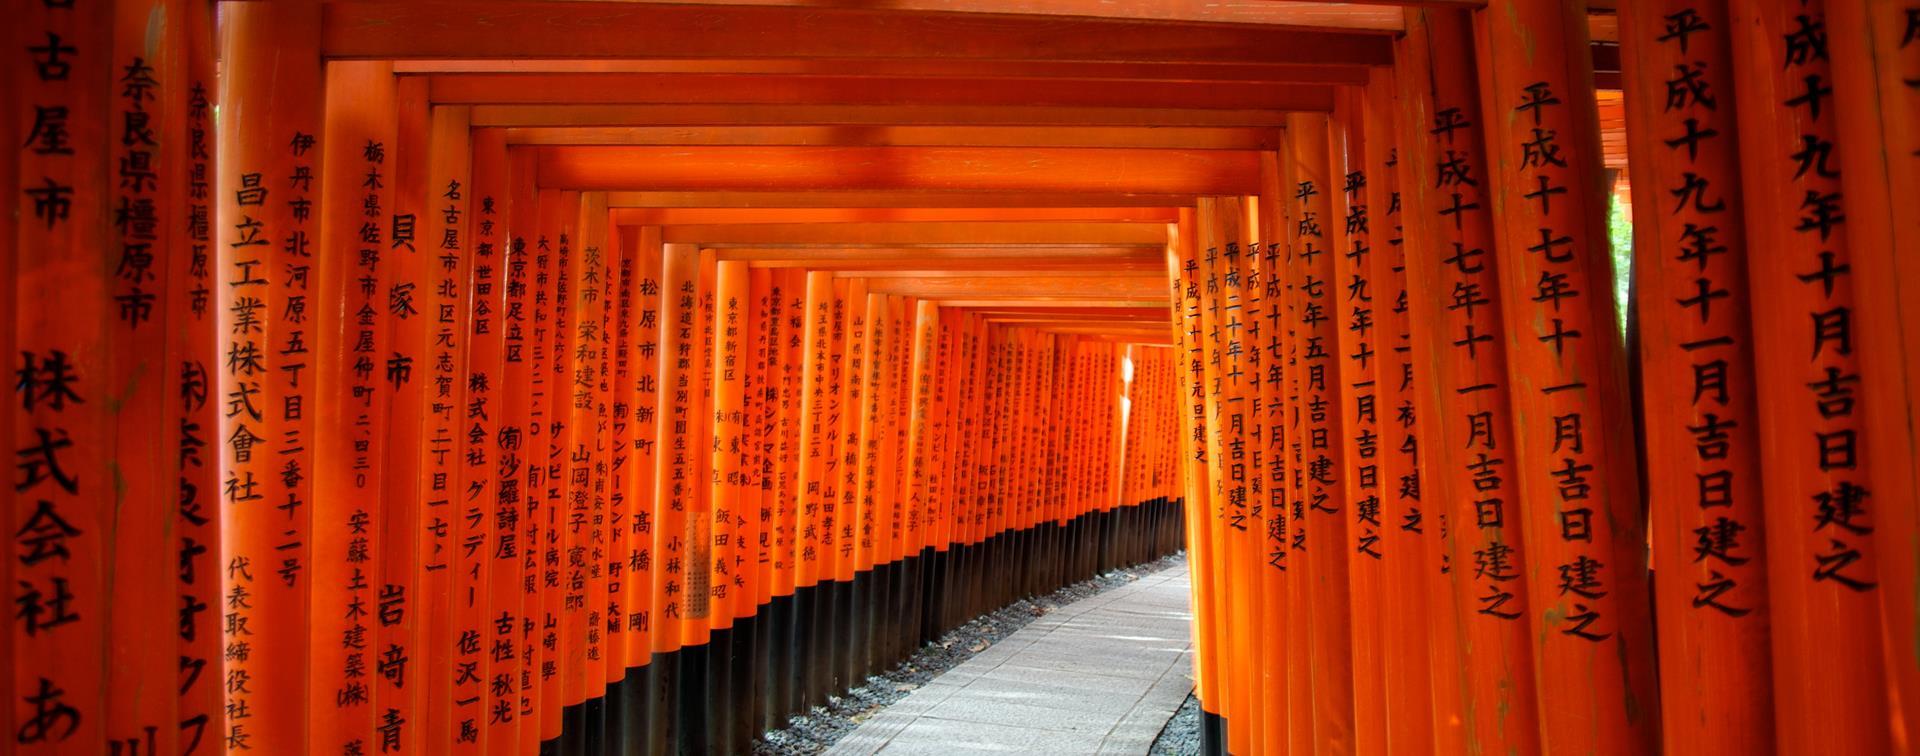 Cảnh những cái cổng Tori nối liền rất đẹp tại Nhật